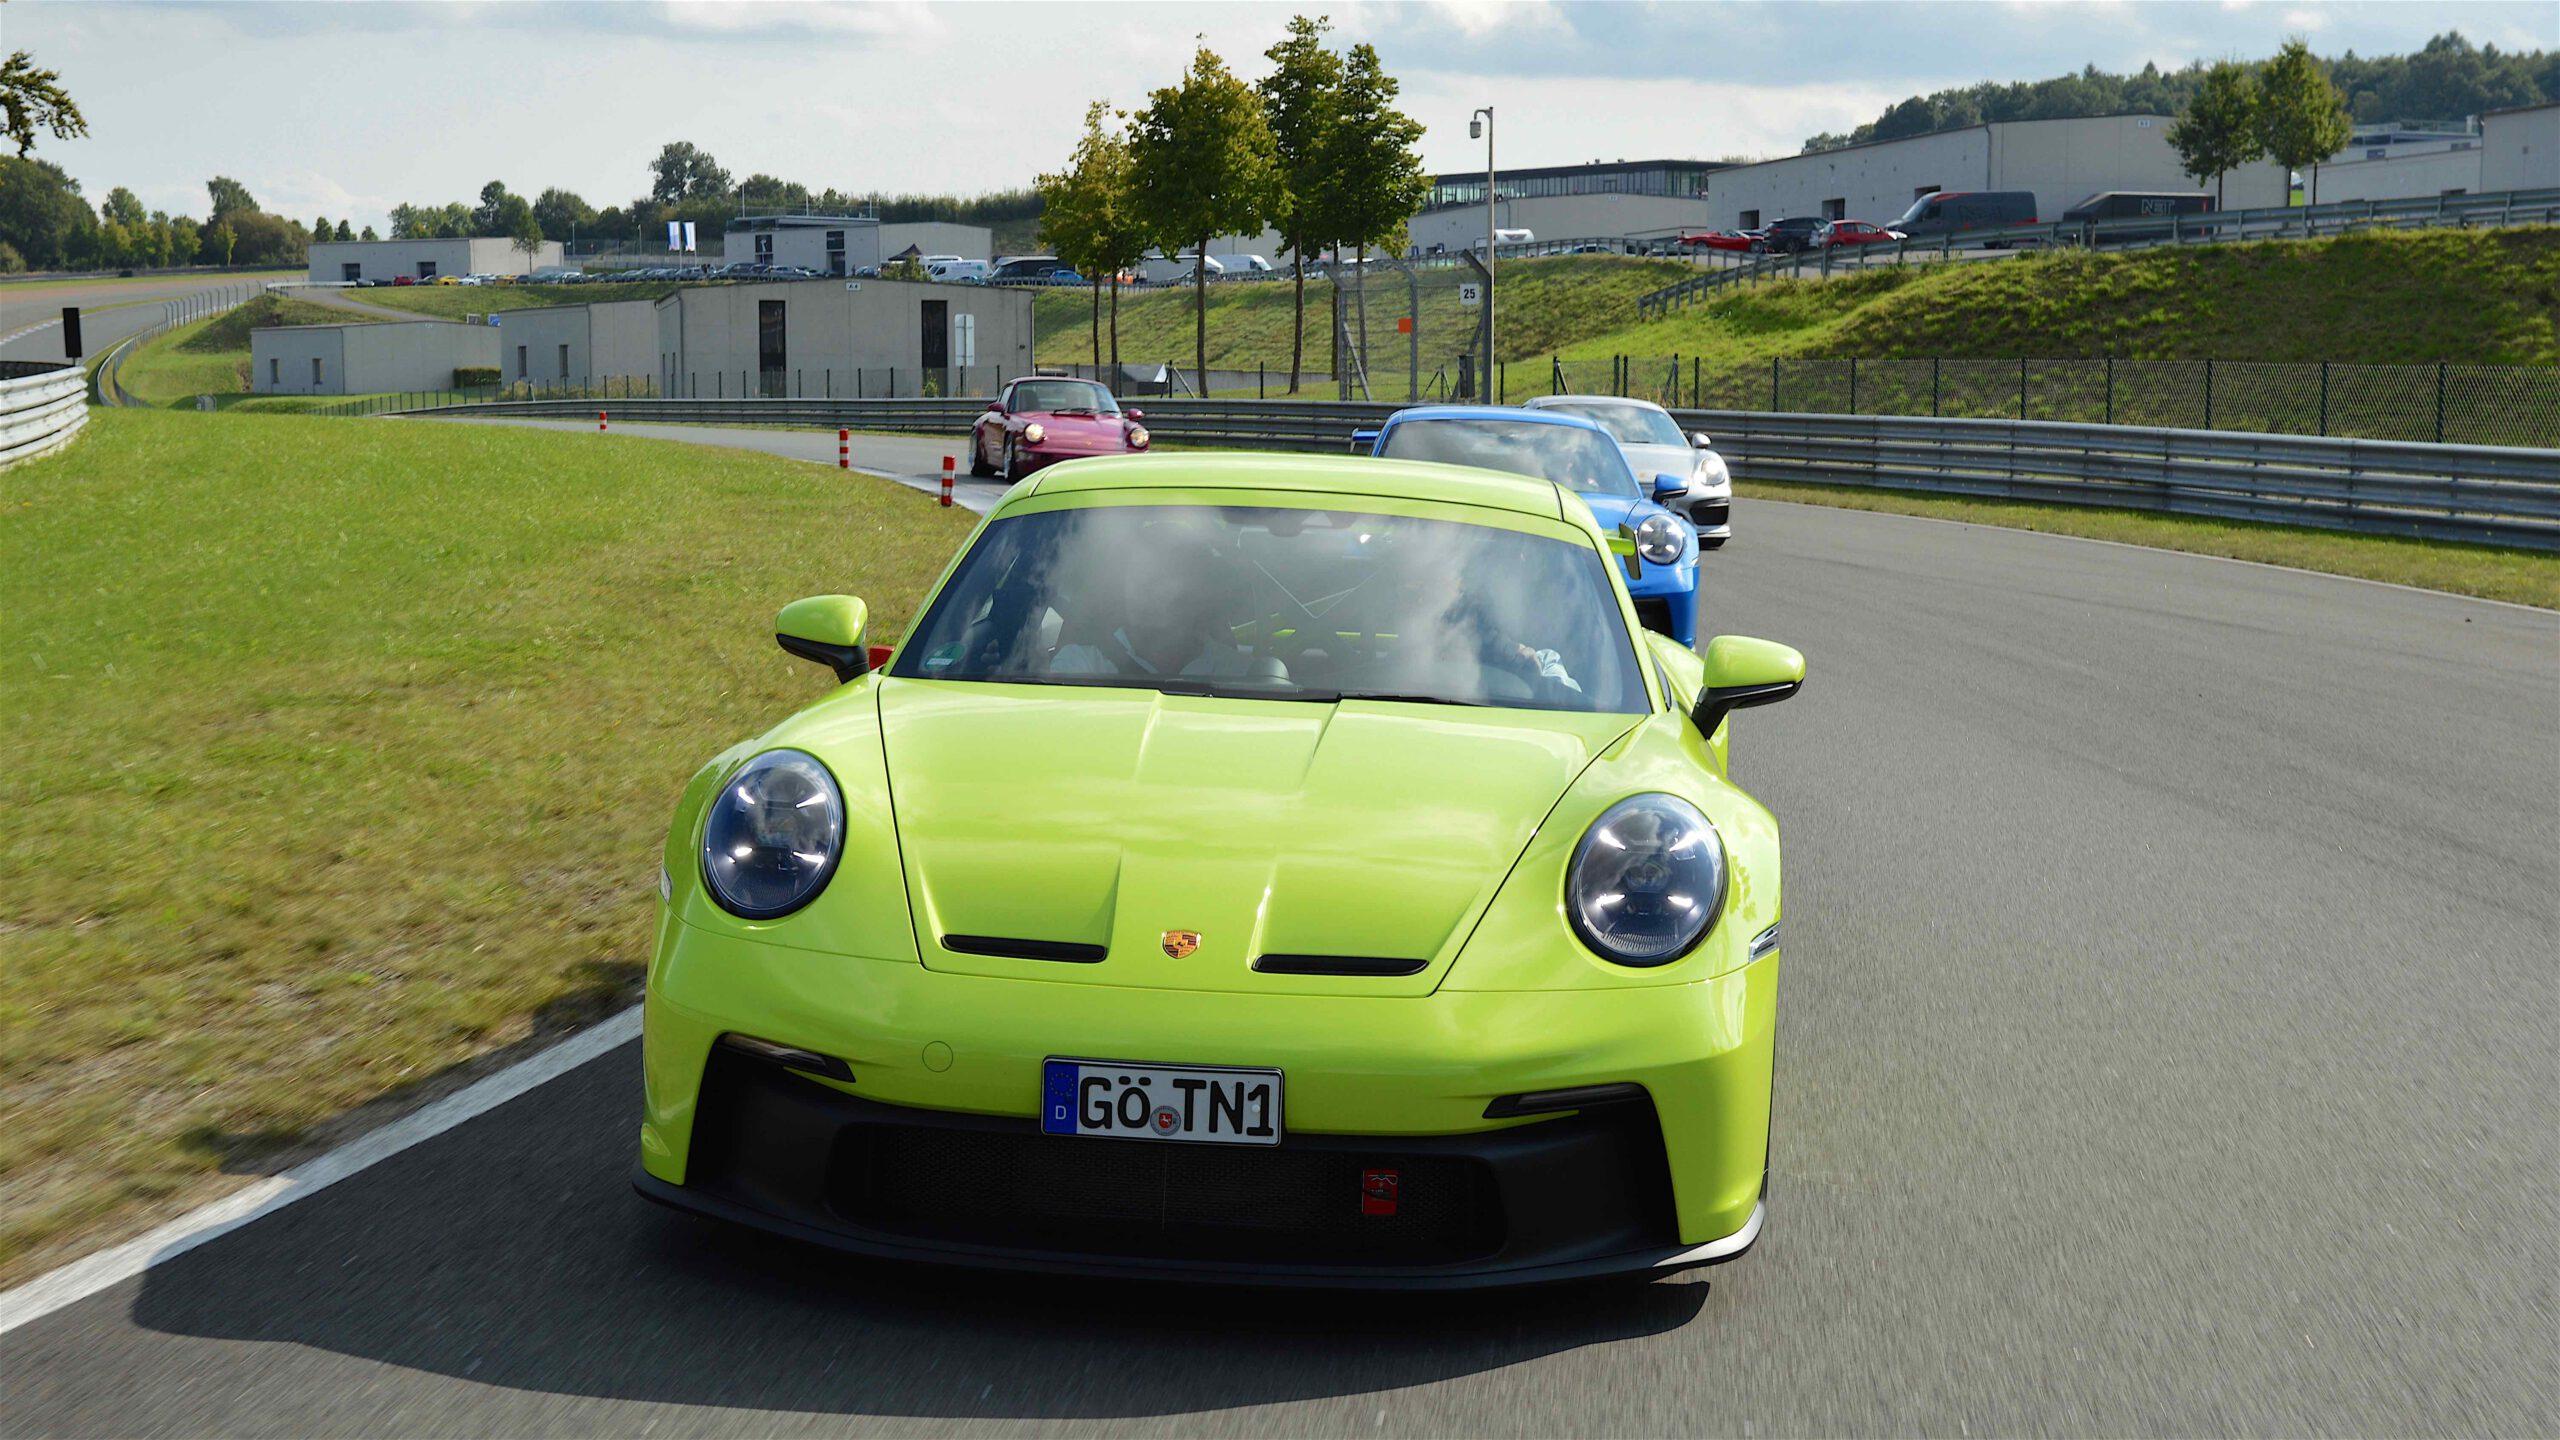 2021er-Porsche-911-GT3-Typ-992.1-AP-Car-Design-PTS-Acidgreen-0178